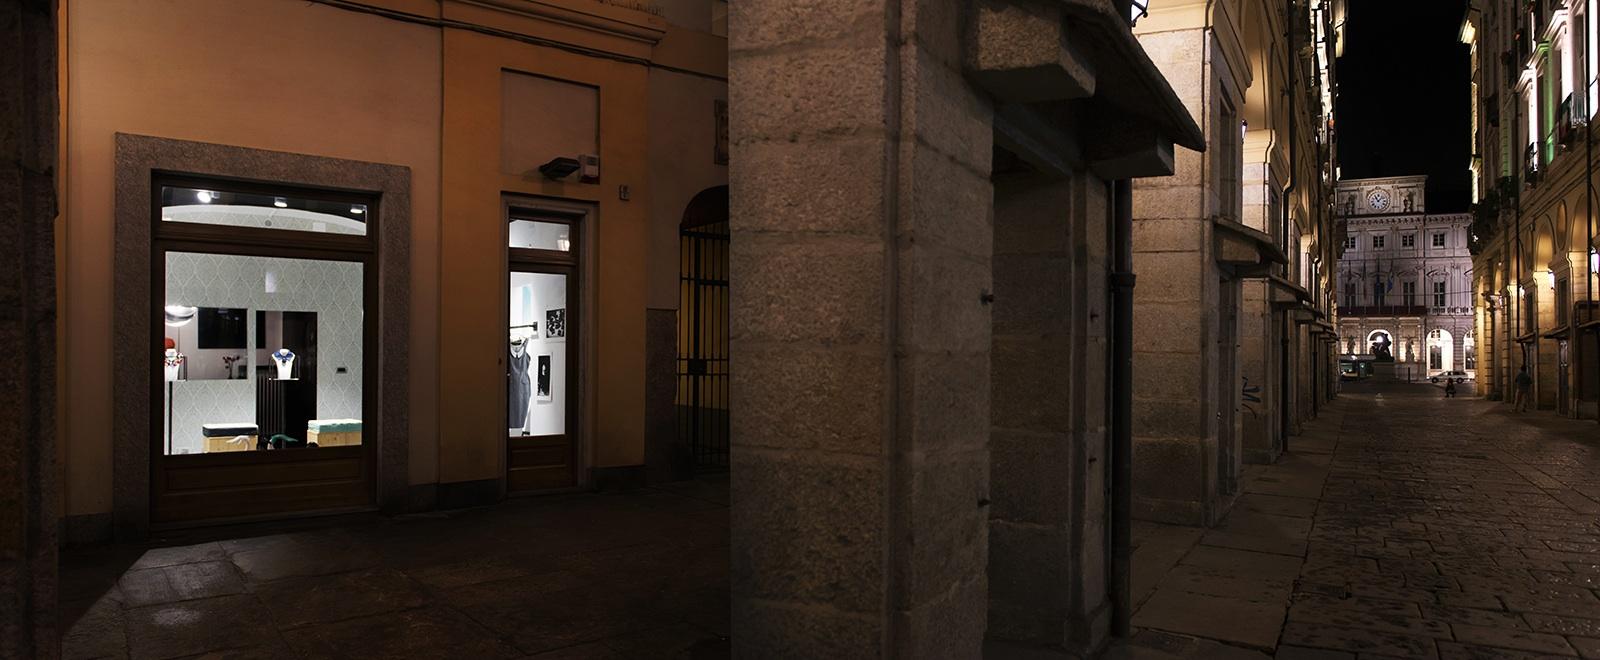 Atelier Reo Via Palazzo di Citta 19/f 10122  Torino